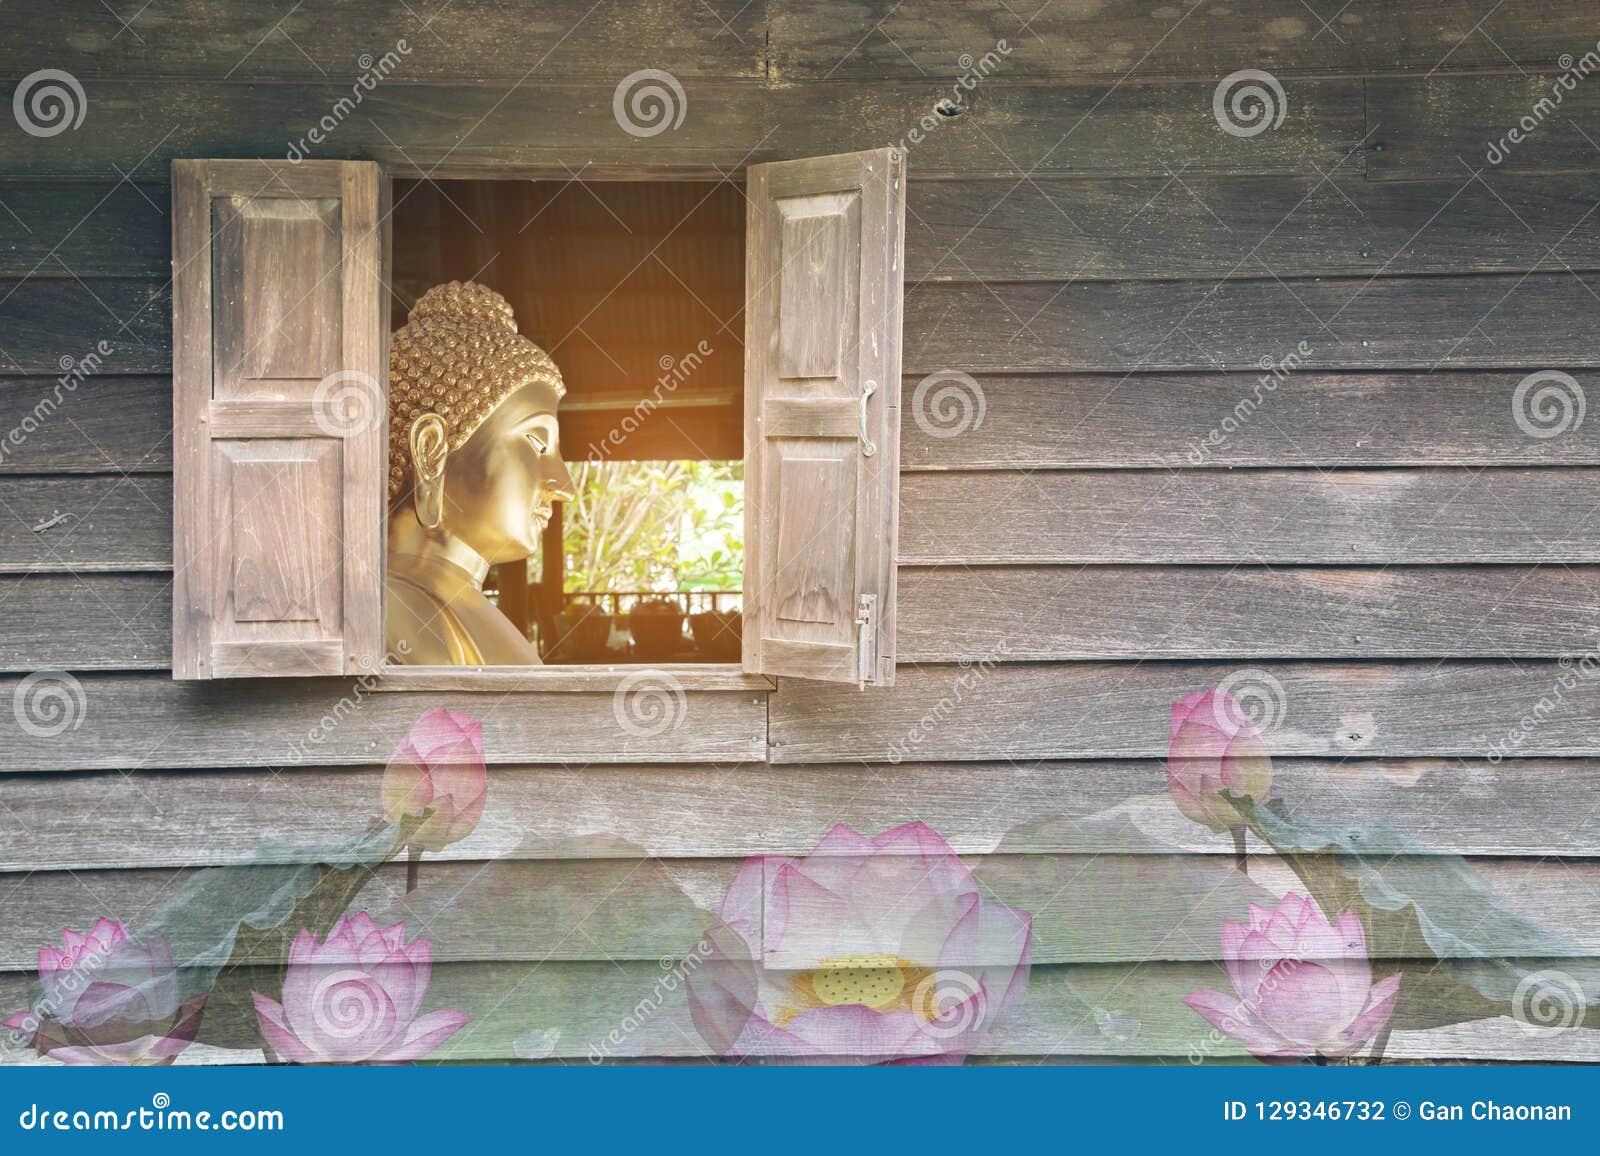 La pared de madera vieja, que tiene las ventanas del Buda que representa al budista budista, budista, asiático, muy se respeta, e